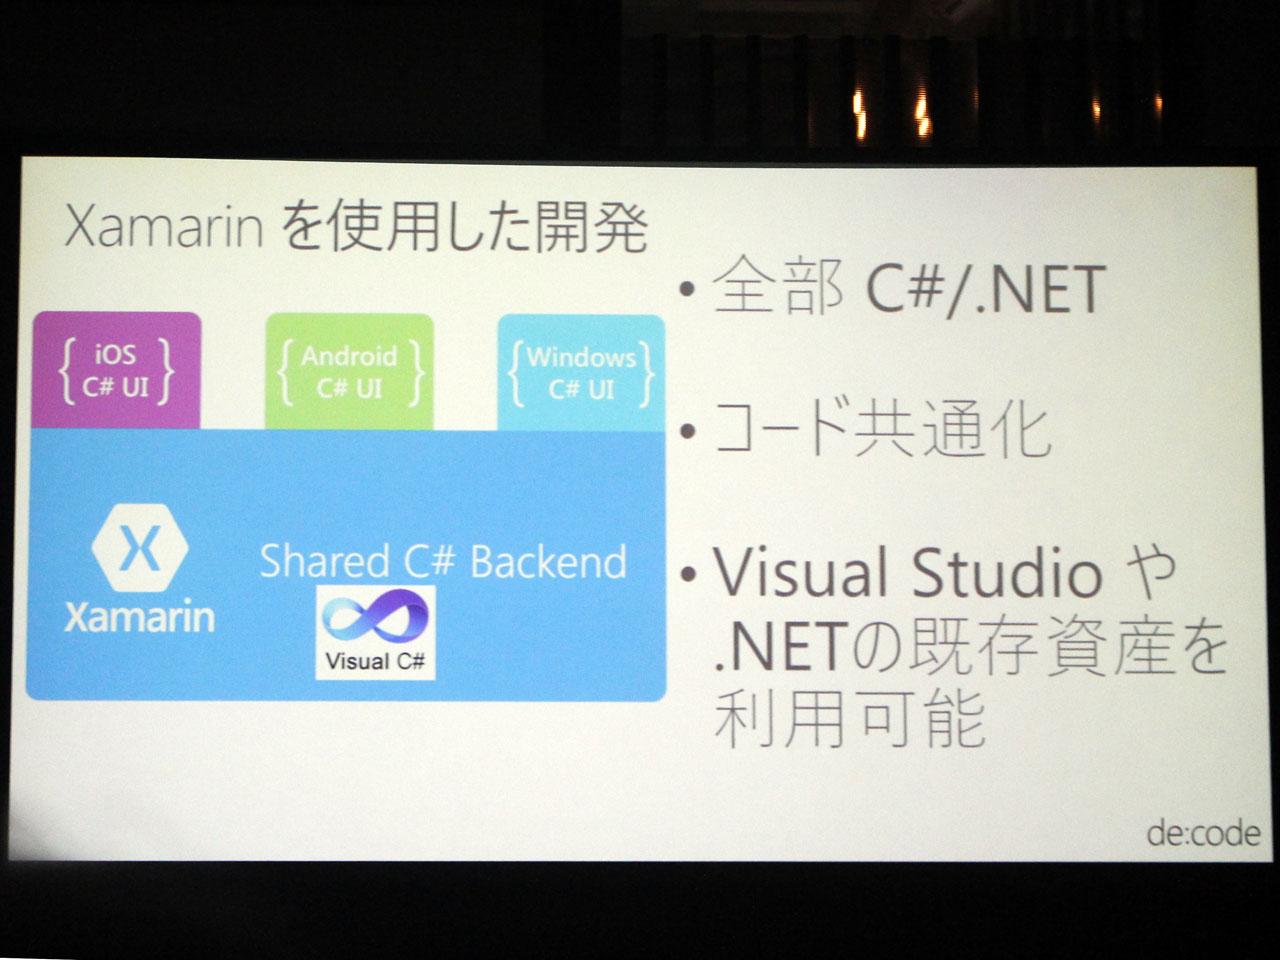 Xamarinを使えばバックエンドのコードをすべて共通化でき、OS固有のUI部分を個別に開発するだけで複数のモバイルOS向けに開発が行える